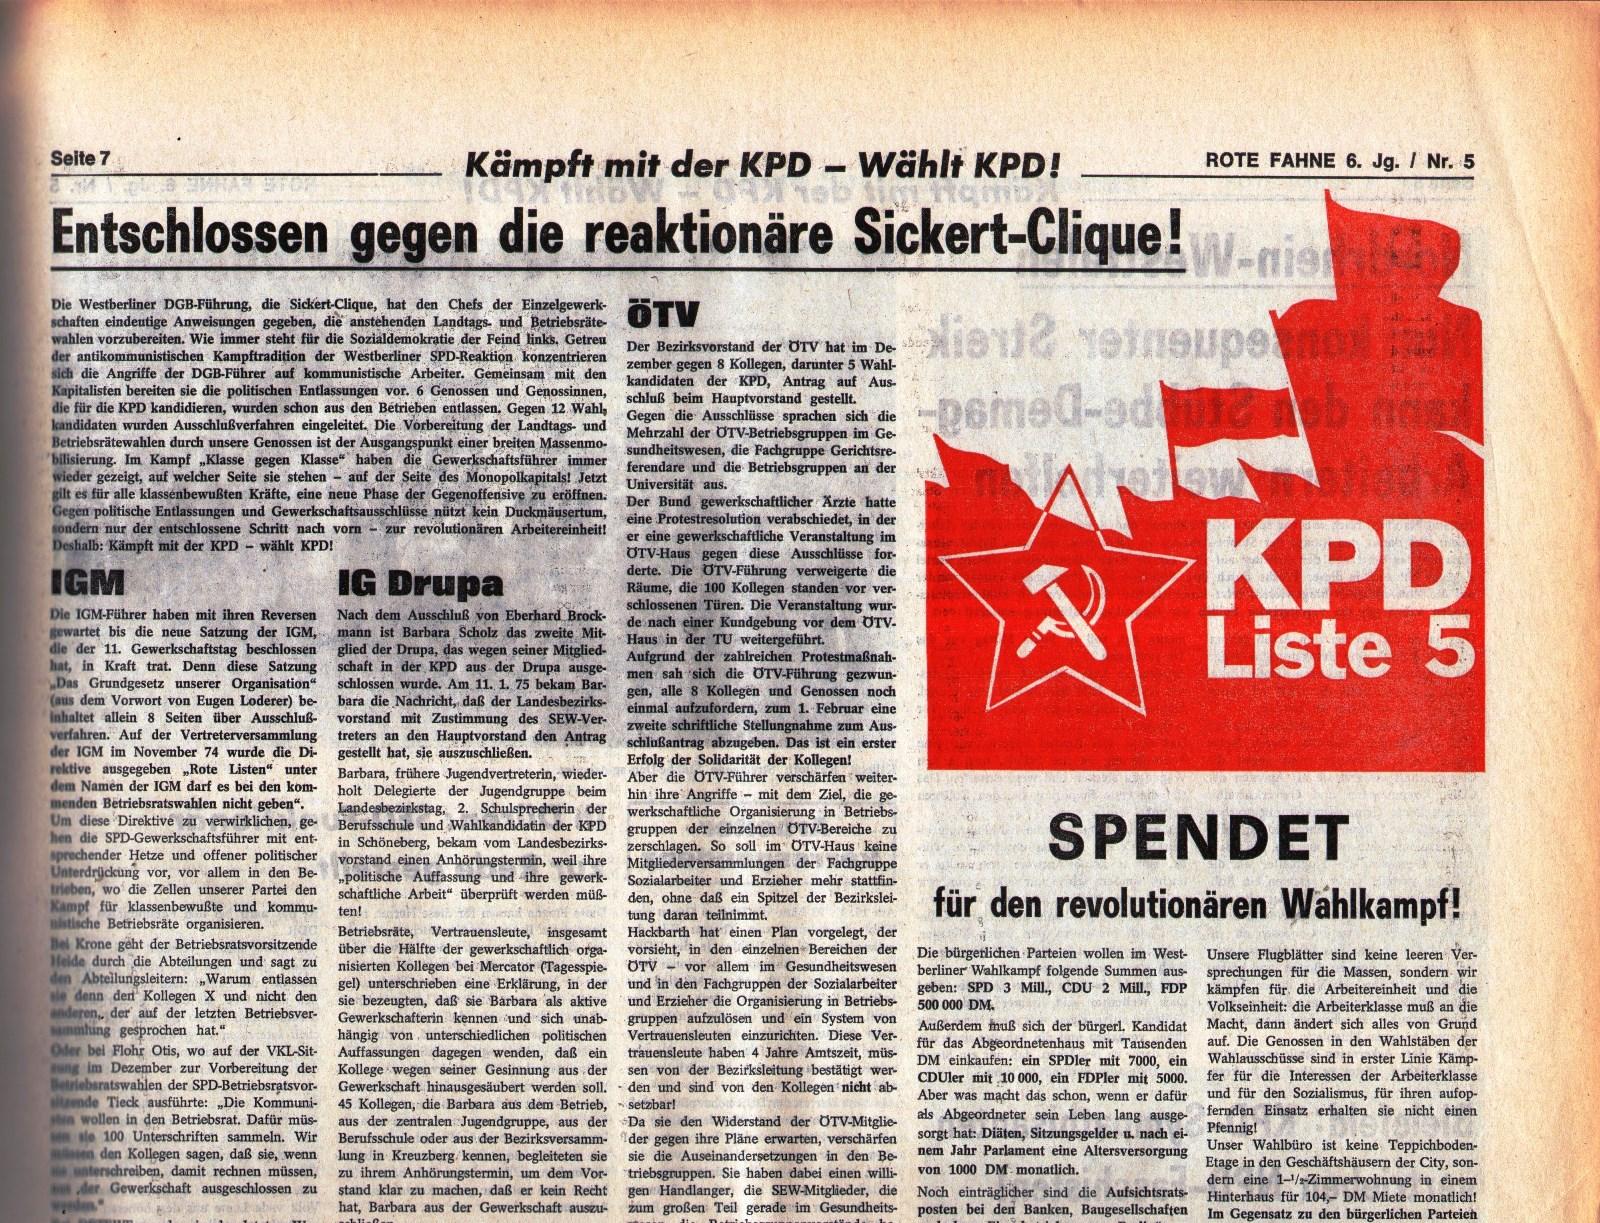 KPD_Rote_Fahne_1975_05_13